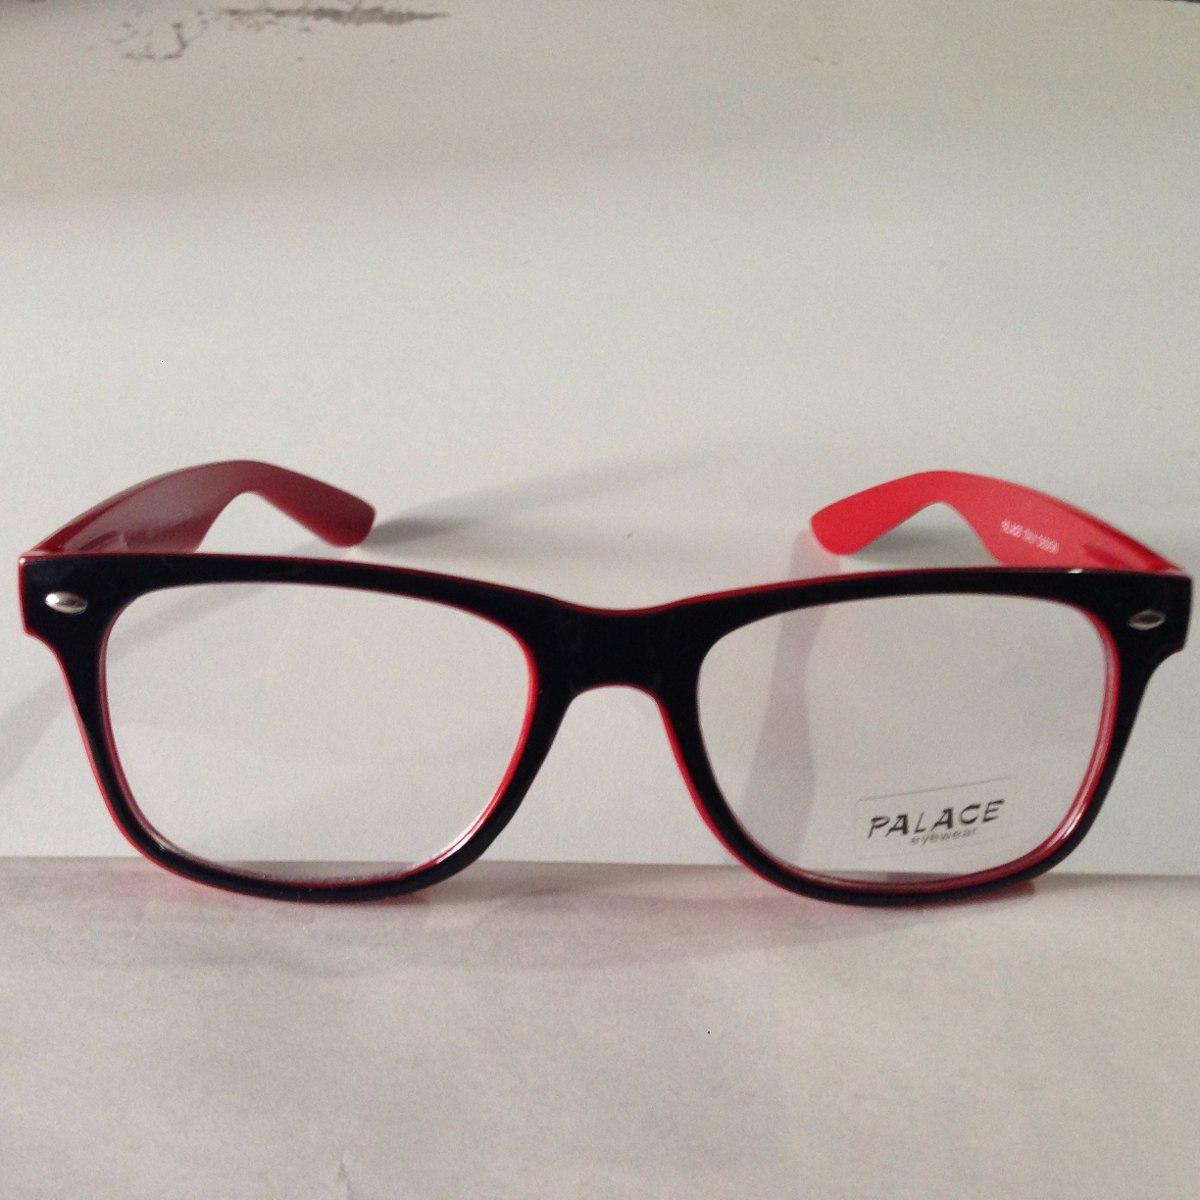 armazones lentes oftalmicos listos p graduar regalo en mercado libre. Black Bedroom Furniture Sets. Home Design Ideas